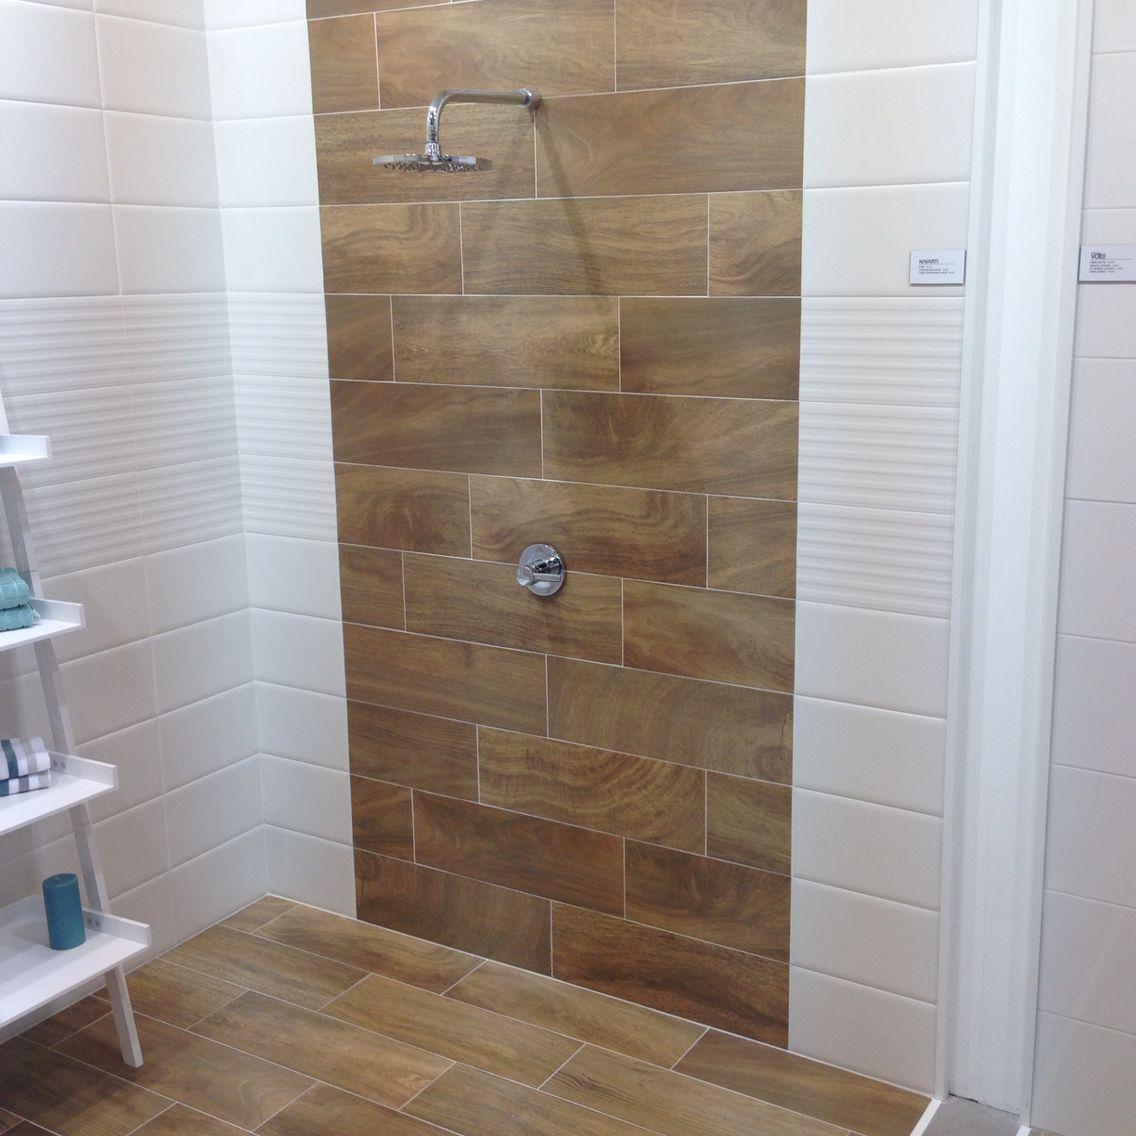 houtlook panelen in de badkamer in plaats van tegels | badkamer, Badkamer